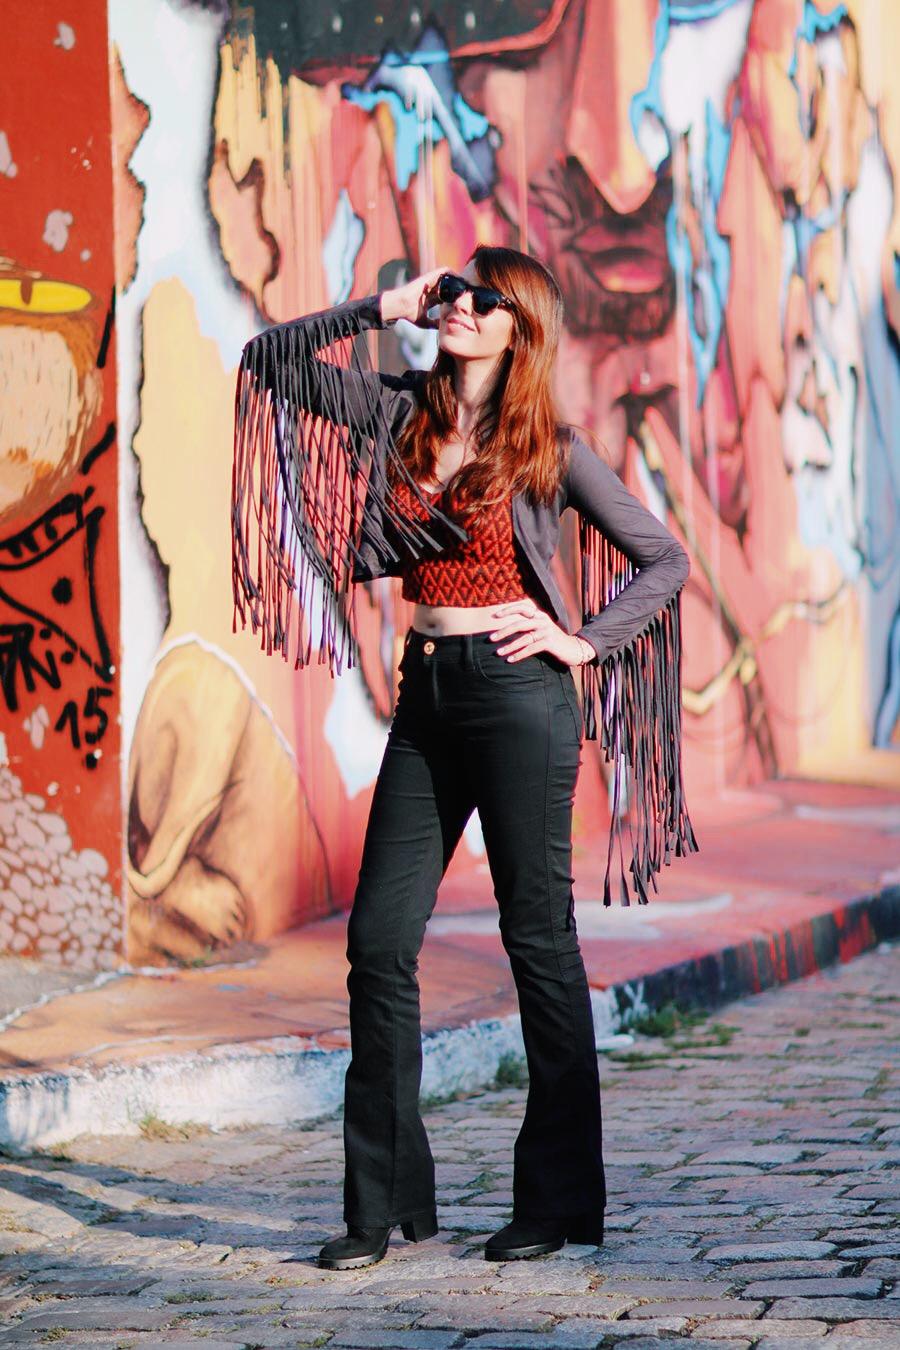 calça flare preta-calça flare-jaqueta-roupas femininas-calça jeans feminina- moda feminina-roupas da moda